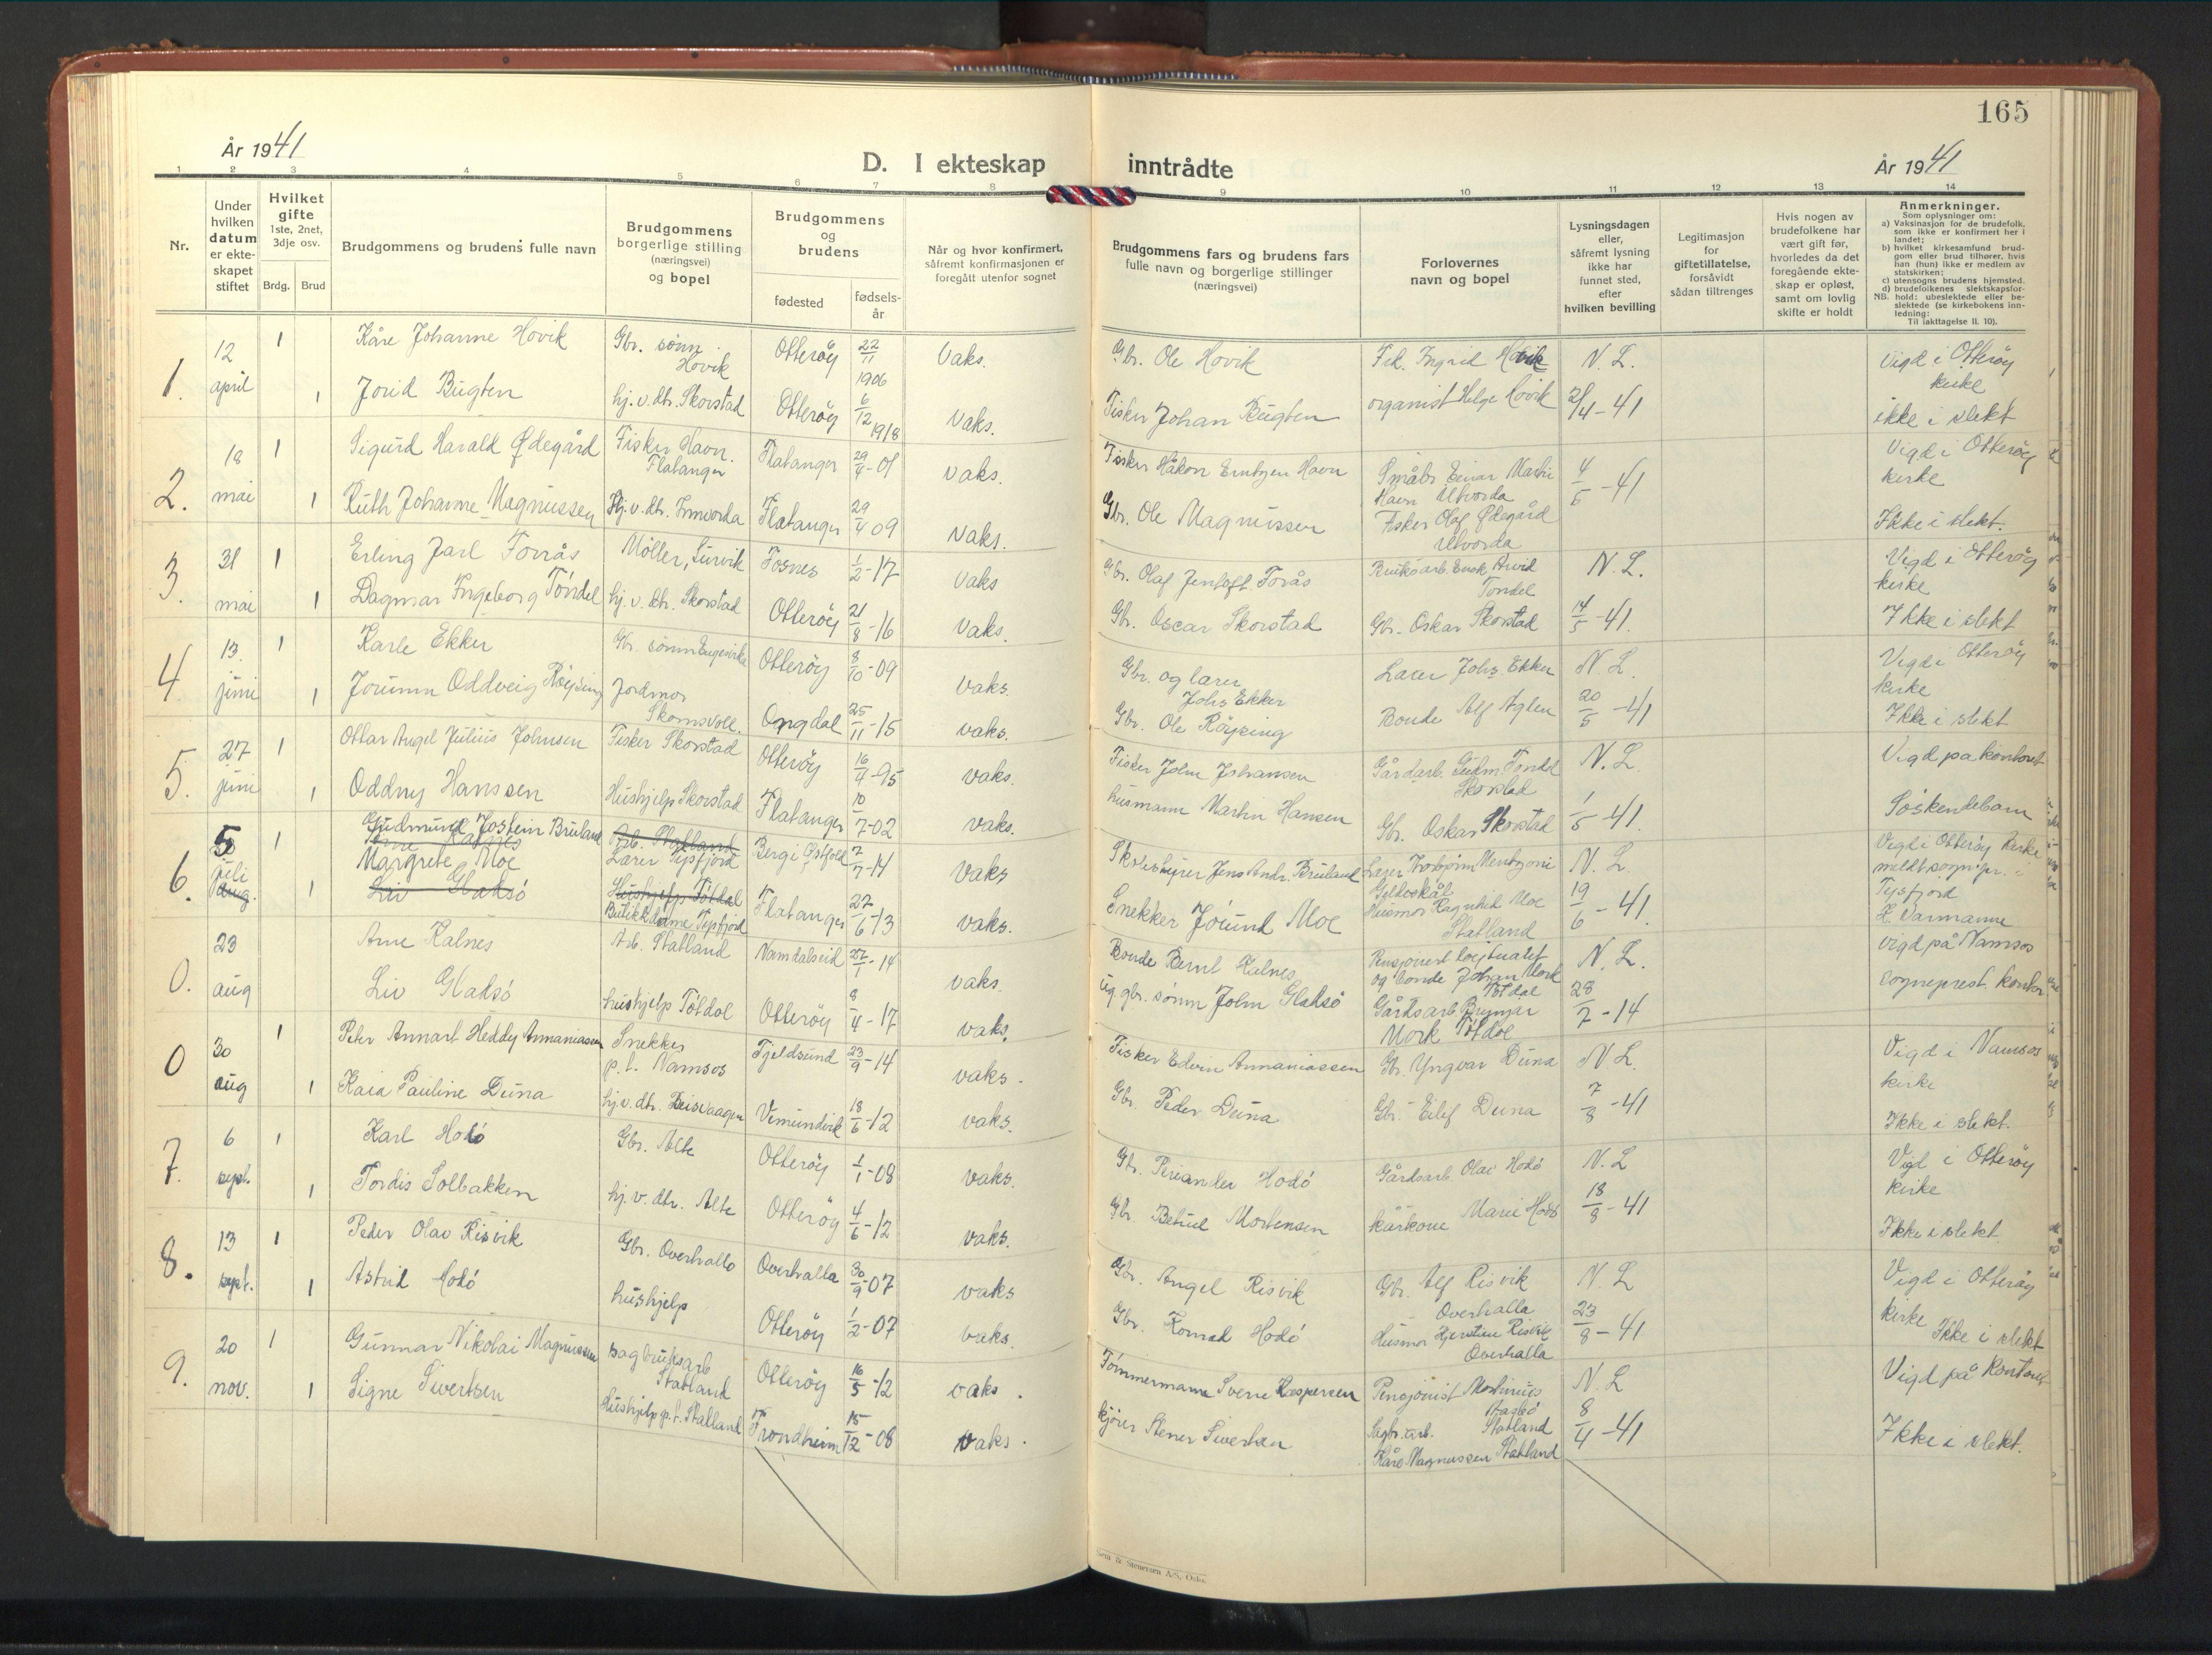 SAT, Ministerialprotokoller, klokkerbøker og fødselsregistre - Nord-Trøndelag, 774/L0631: Klokkerbok nr. 774C02, 1934-1950, s. 165